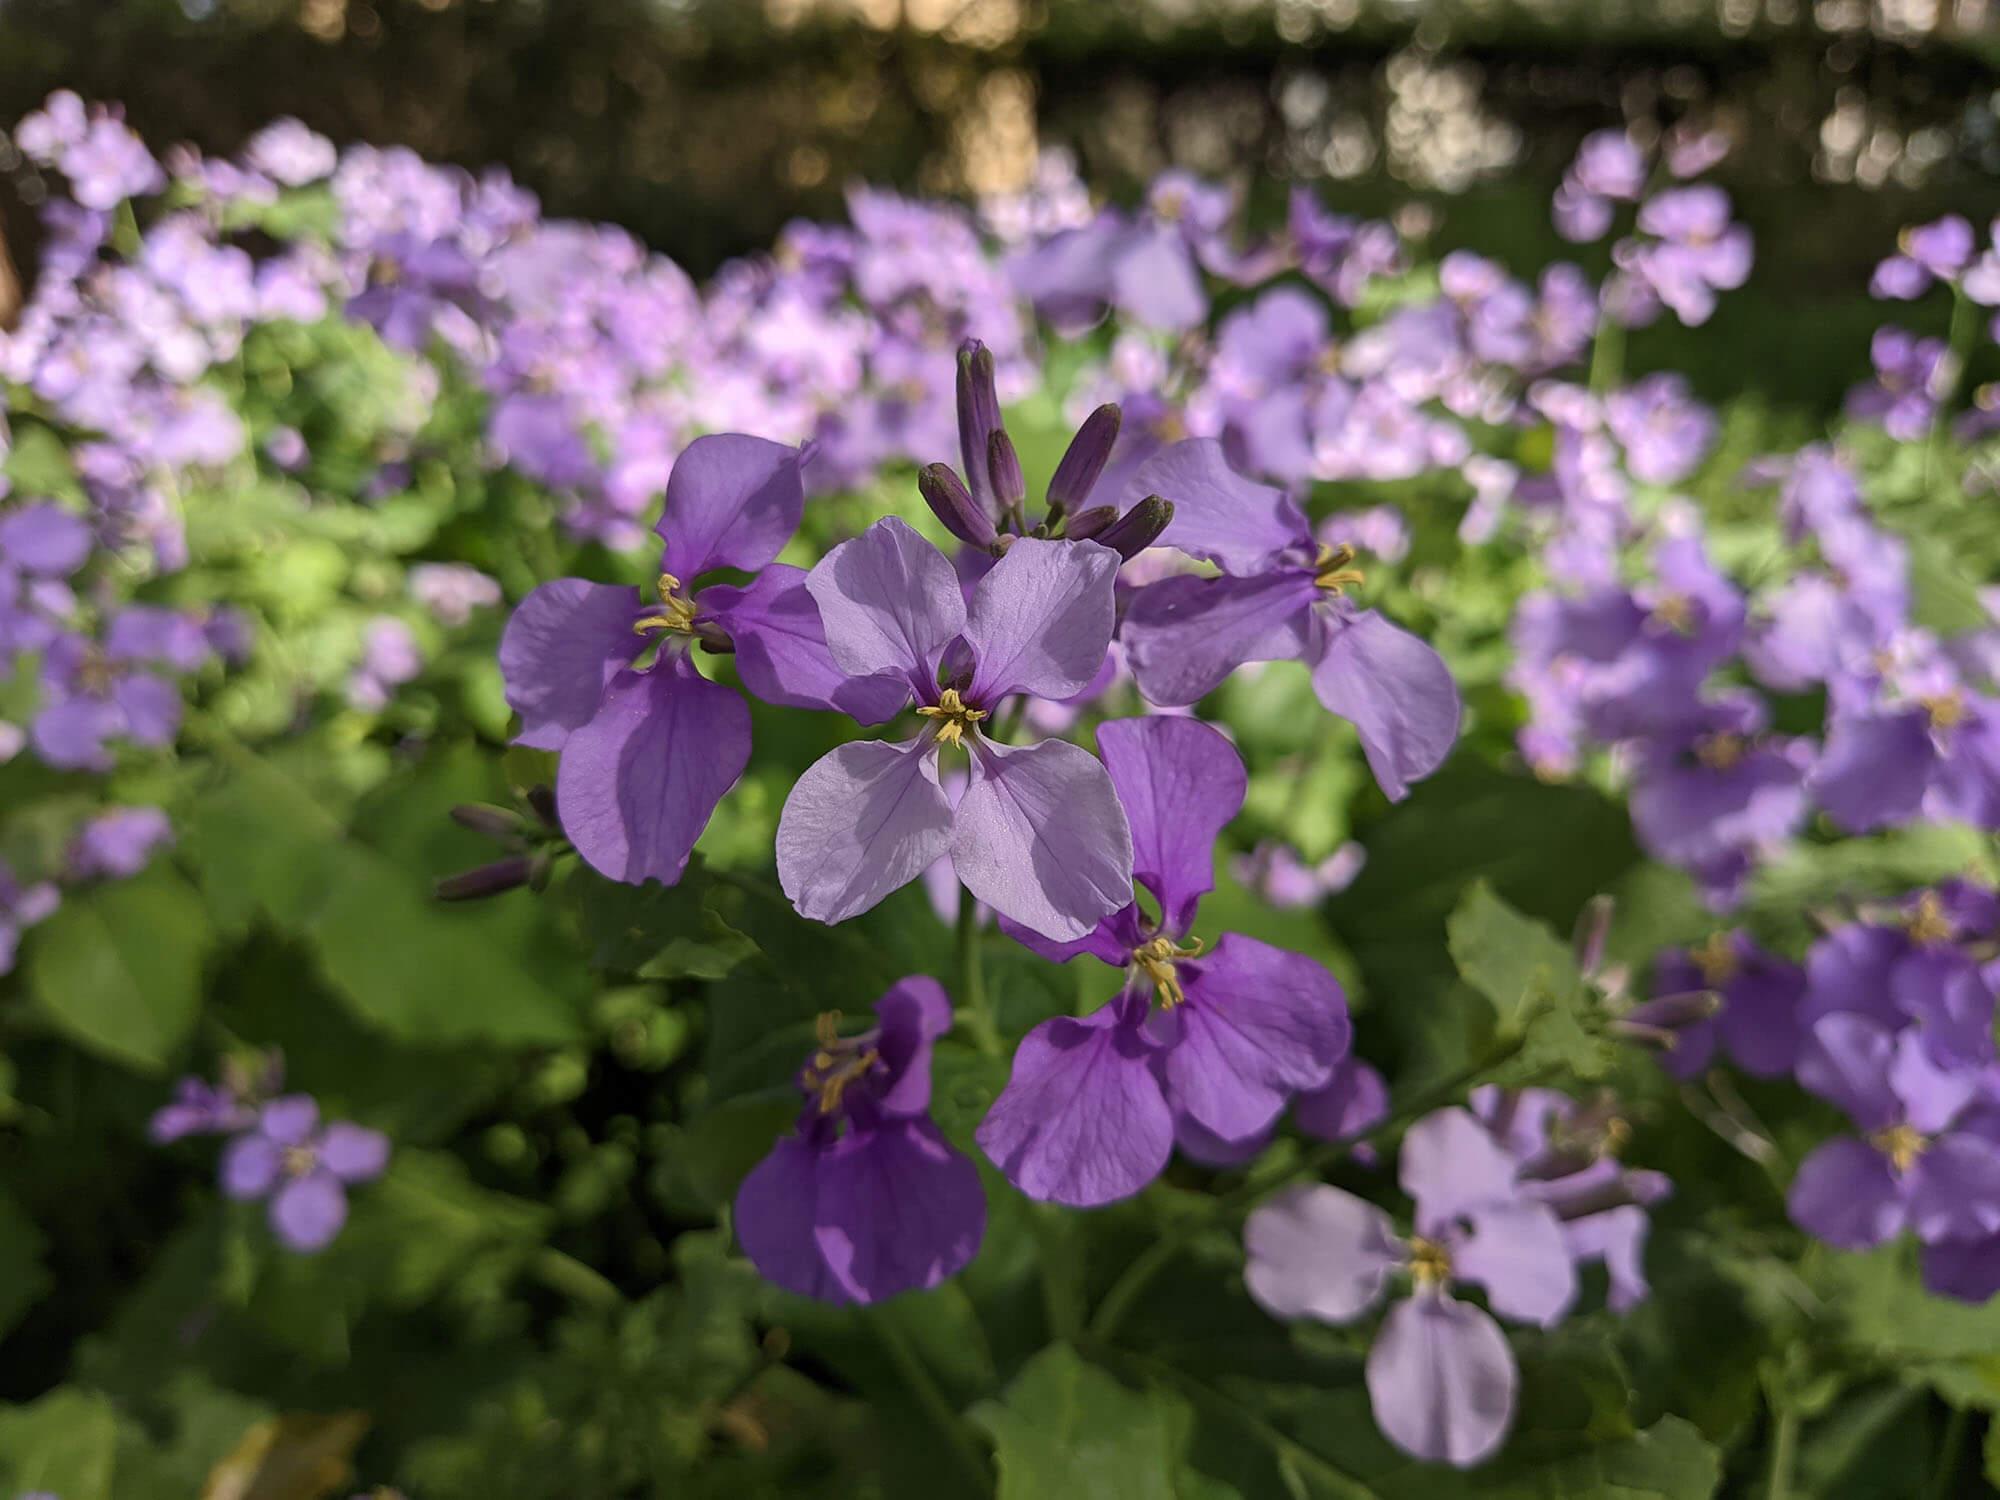 Redmi 9Tで撮影した紫の花その2